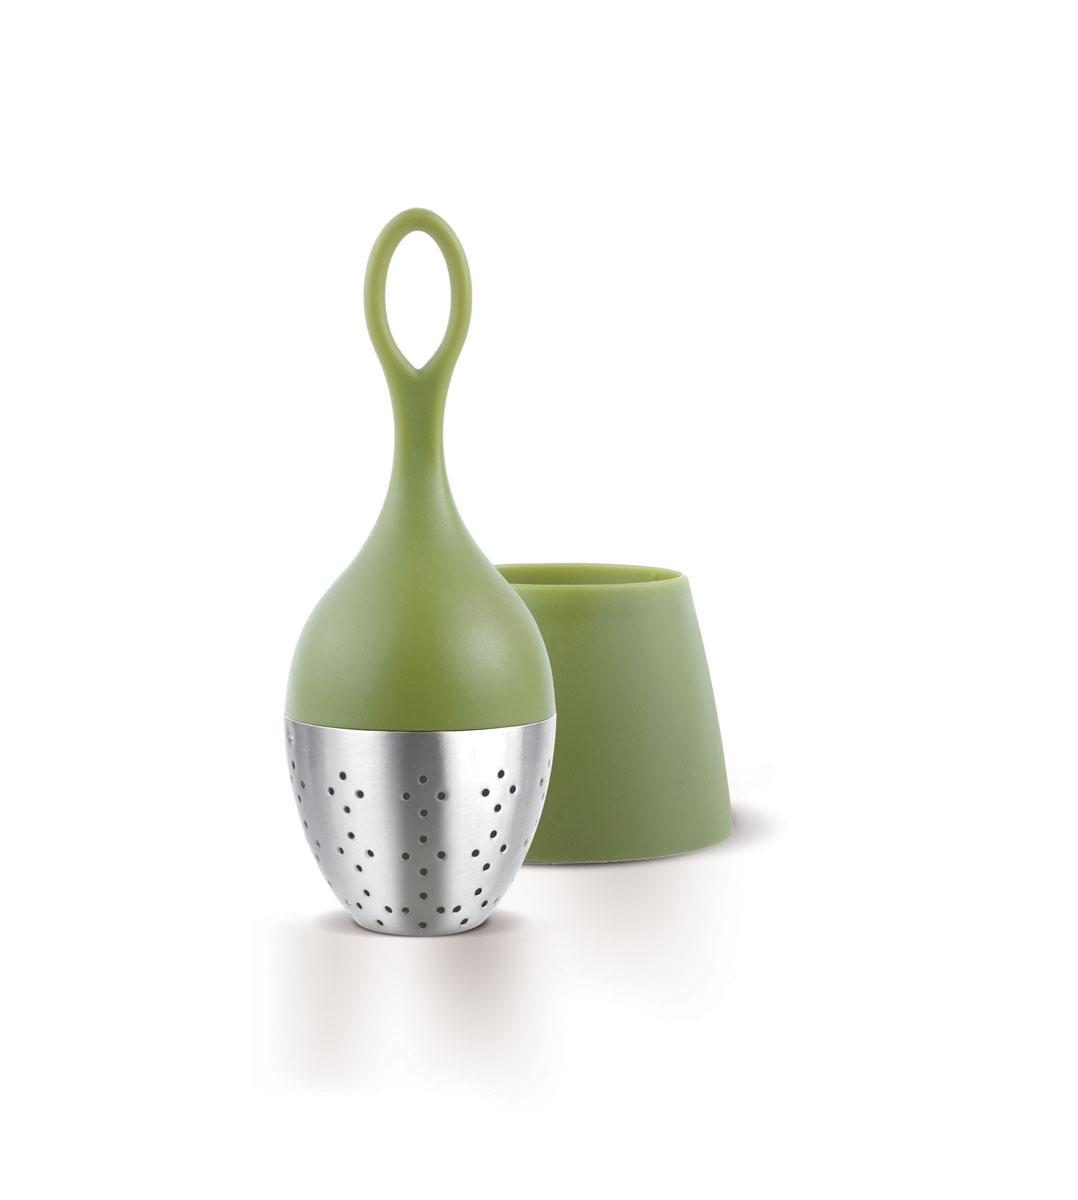 Ситечко для заваривания чая AdHoc, серия FLOATEA, зеленый, O 4 см010.050400.003Ситечко для заваривания чая. Благодаря отлично сбалансированной форме и весу плавает на поверхности и может быть легко удалено из чашки. После заваривания устанавливается в подставку, где собираются последние капли. Диаметр 4 см.